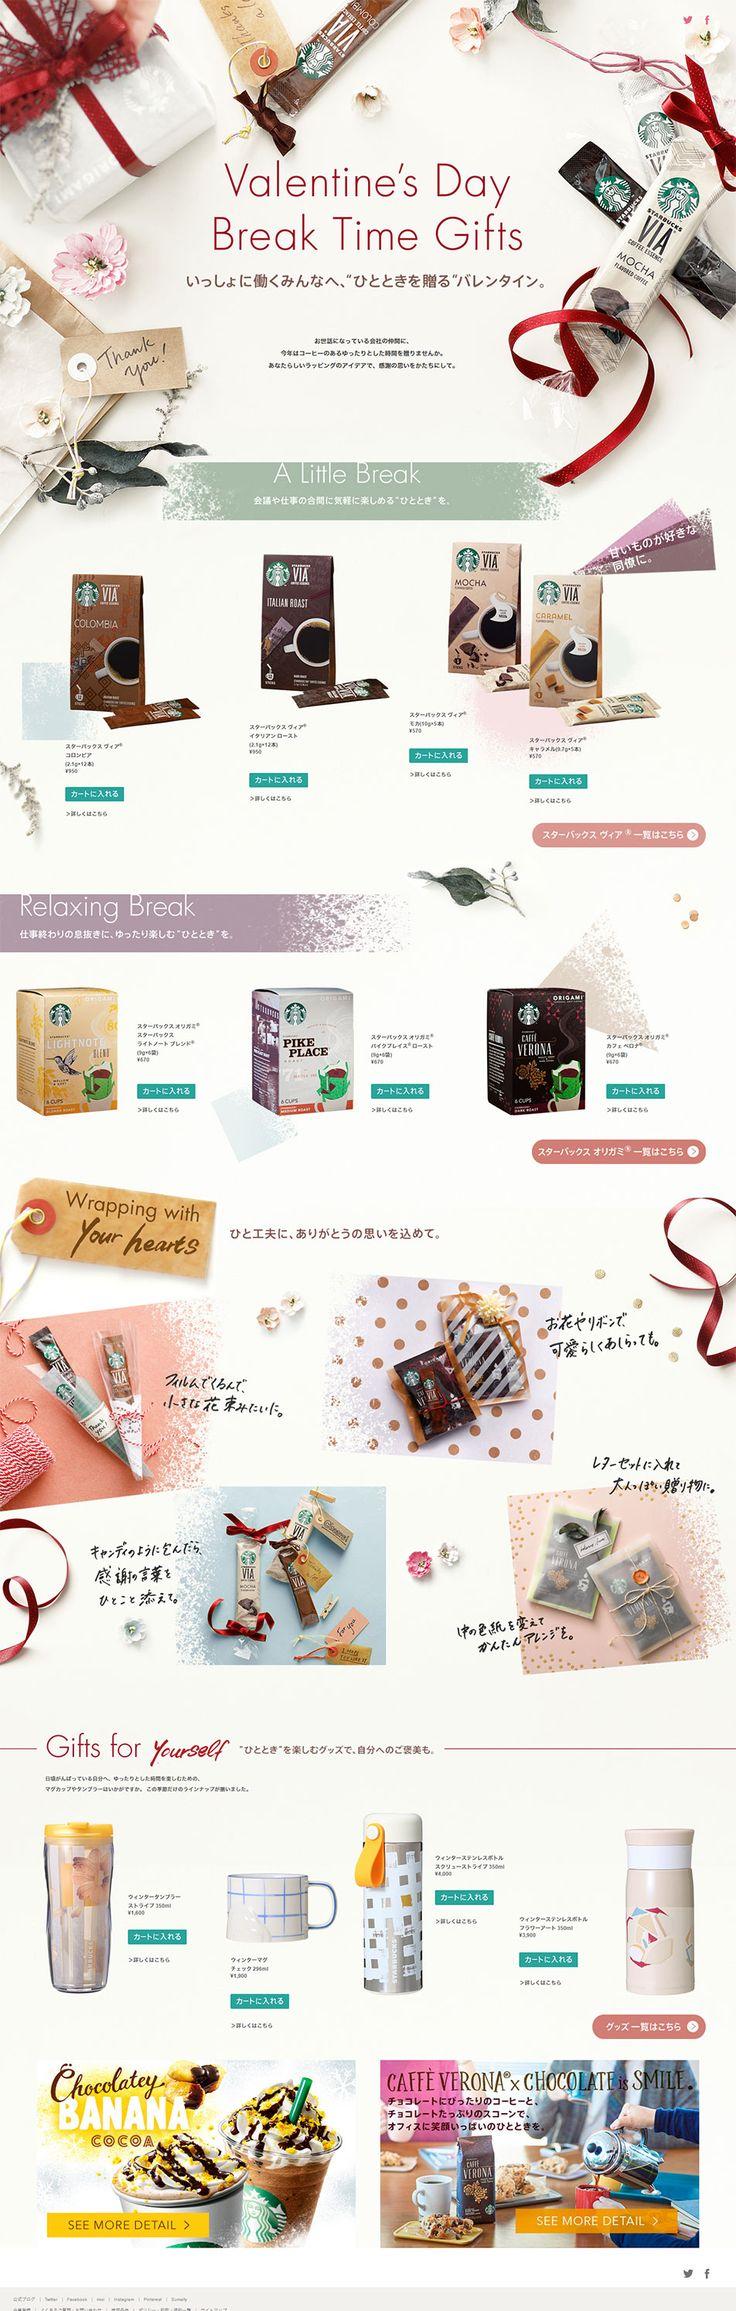 Goodtimes by Summer Gift|WEBデザイナーさん必見!ランディングページのデザイン参考に(にぎやか系)